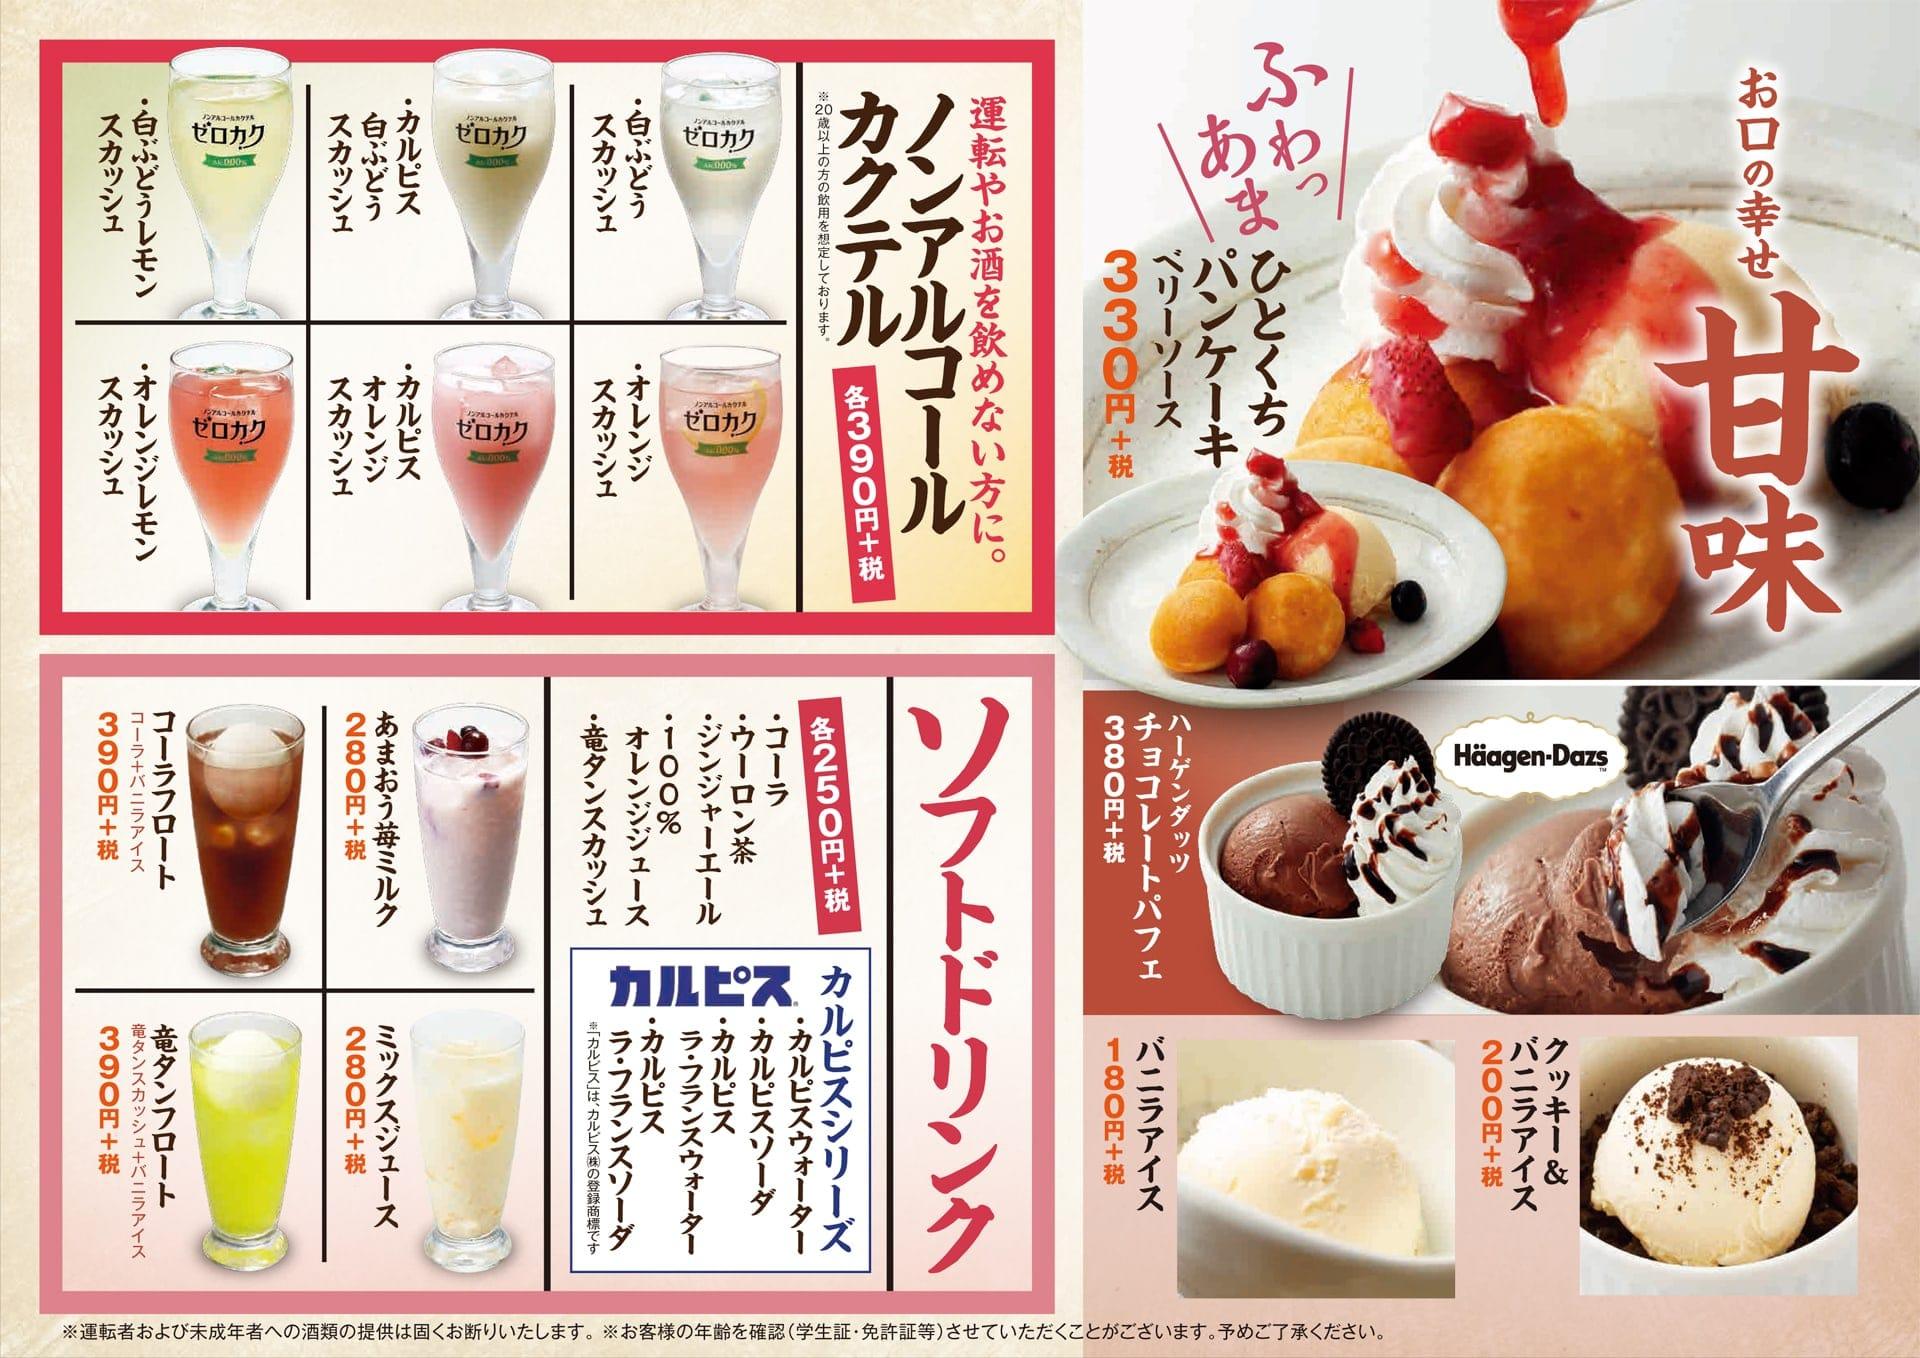 八剣食堂 甘味・ソフトドリンク